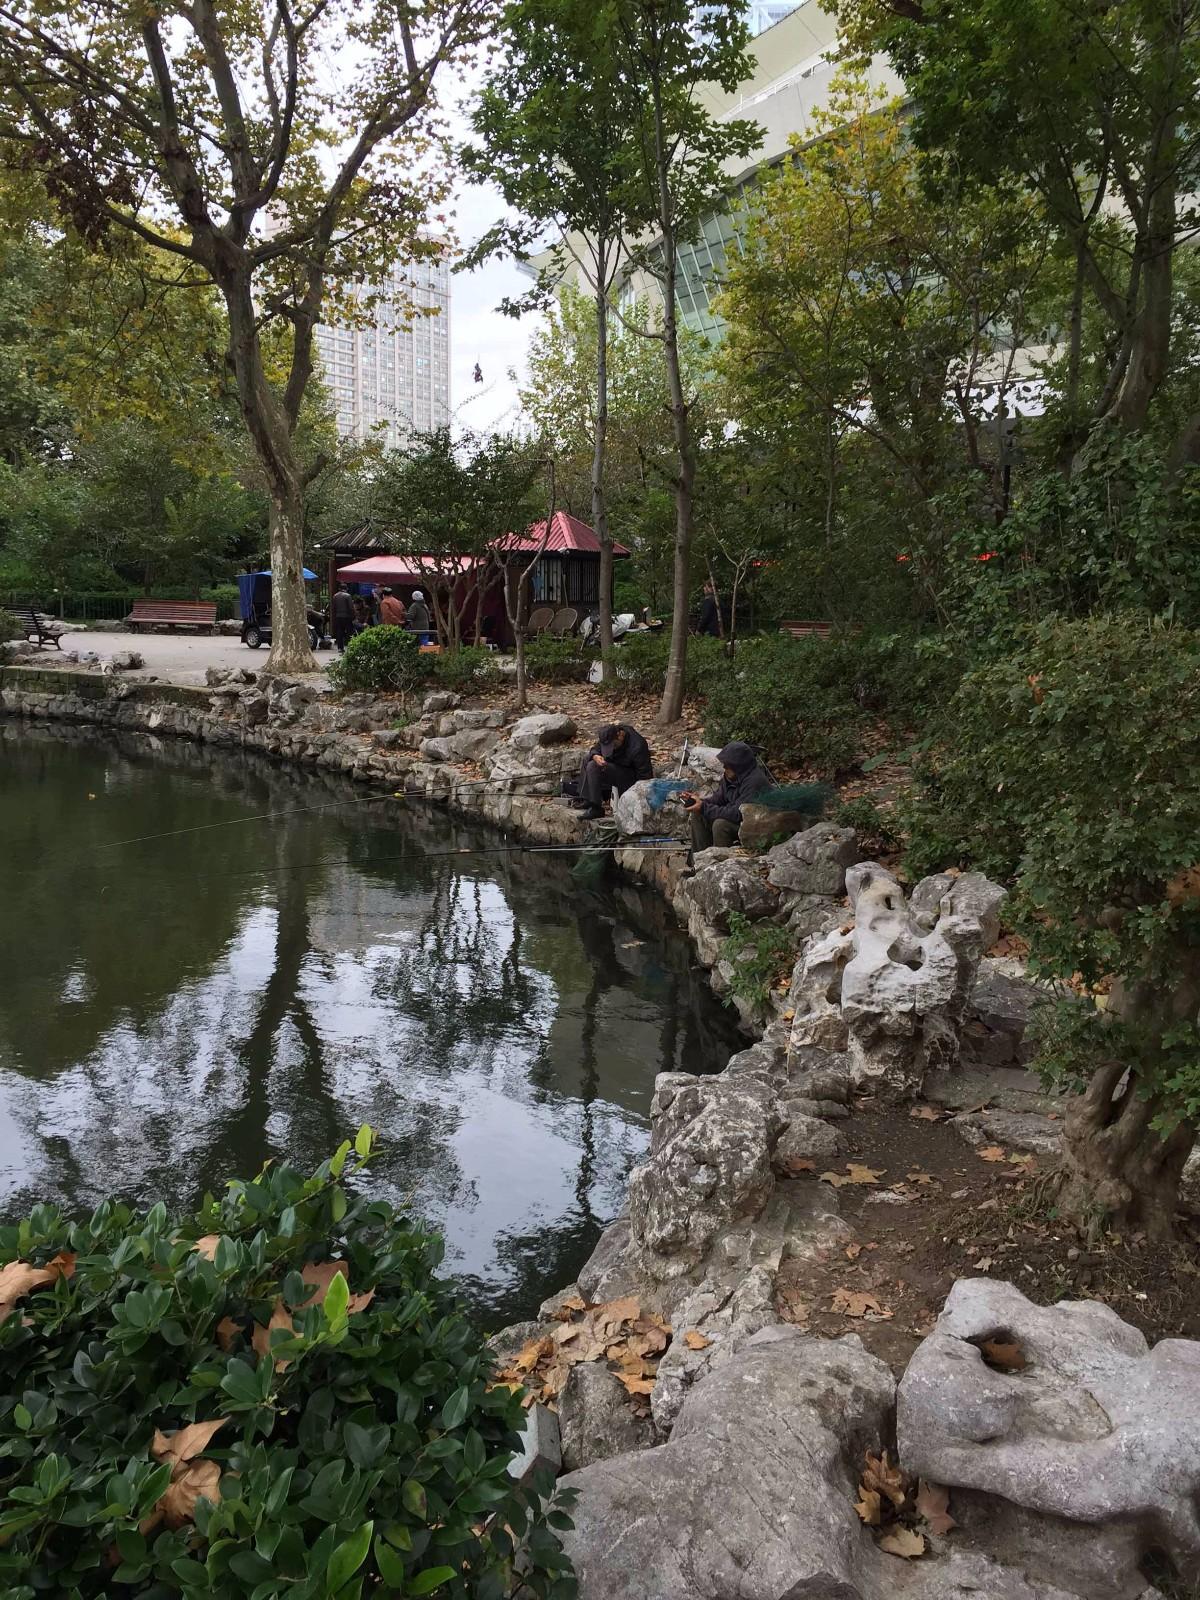 虹口公园即现在的鲁迅公园,现在河边依旧有人垂钓。三十多年前,我曾在这里钓过虾。(配于《虹口公园》一章中).JPG